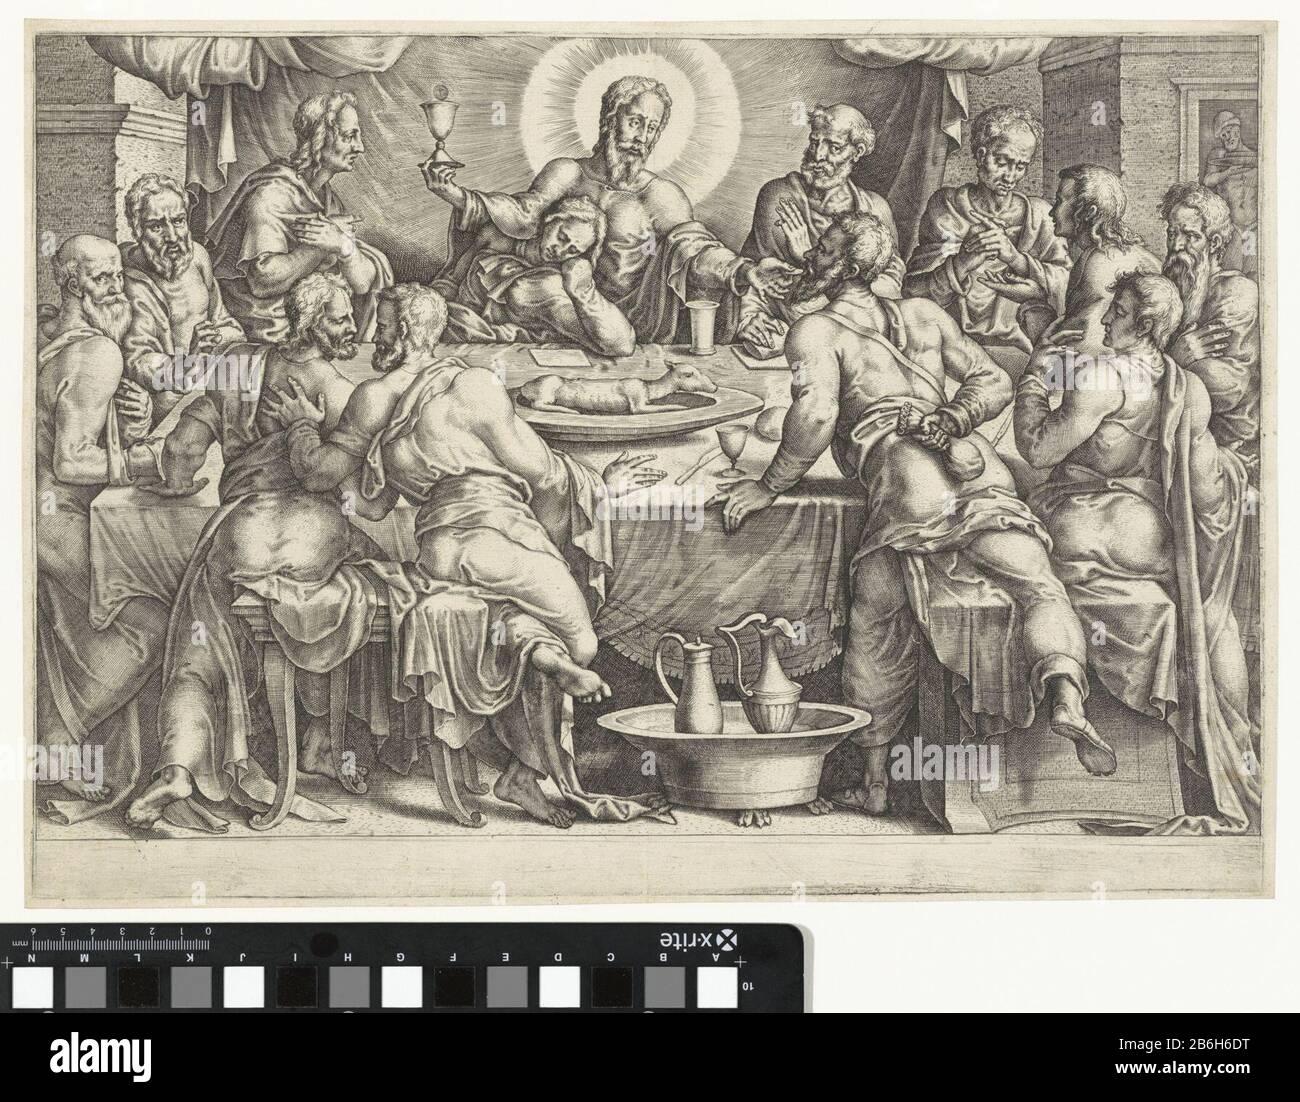 Communion of Judas Iscariot Christus zit samen met zijn apostelen aan het Laatste Avondmaal. In zijn rechterhand heeft hij een miskelk en met zijn linkerhand geeft hij Judas Iskariot een hostie ten teken van zijn op handen zijnde verraad. Manufacturer : prentmaker: anoniemnaar ontwerp van: Maarten van HeemskerckPlaats manufacture: Nederlanden Dating: 1540 - 1560 Physical kenmerken: gravure Material: papier Techniek: graveren (drukprocedé) Dimensions: plaatrand: h 292 mm × b 416 mm Subject: Judas Iscariot is revealed as Christ's betrayer (communion of Judas) Stock Photo